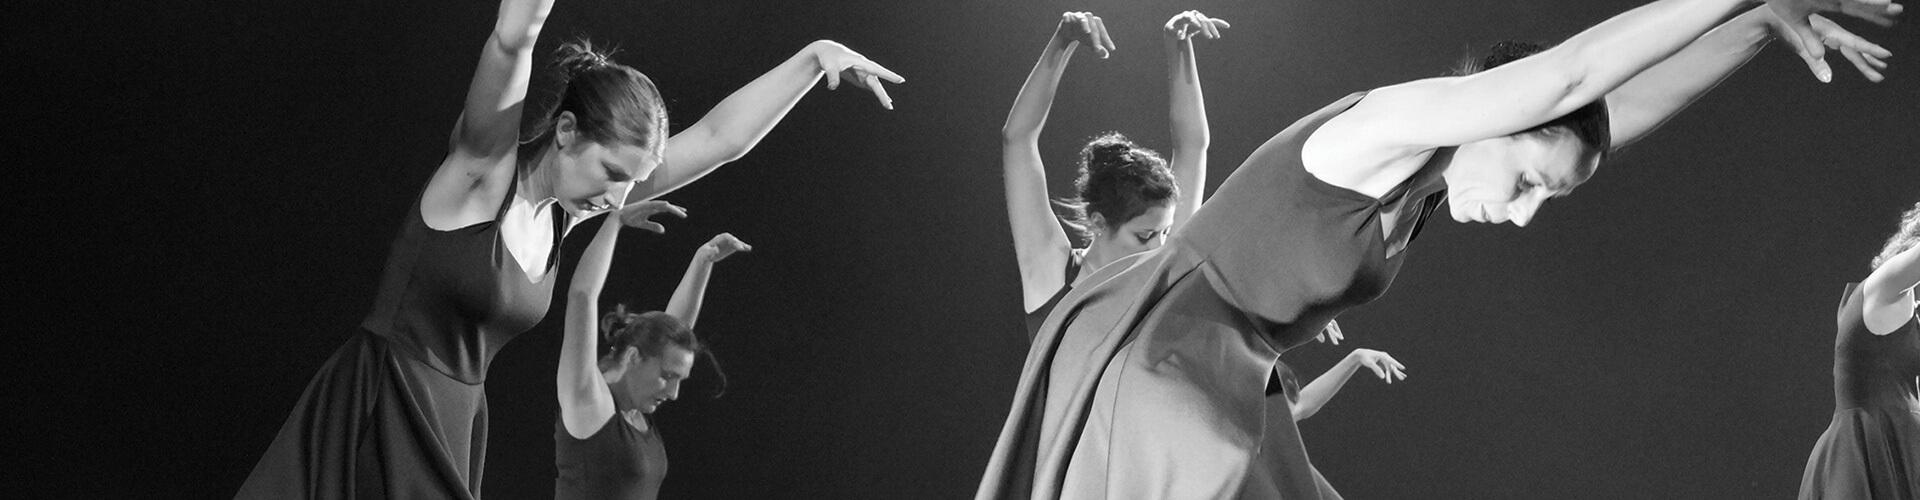 danses-jeune-france-cholet